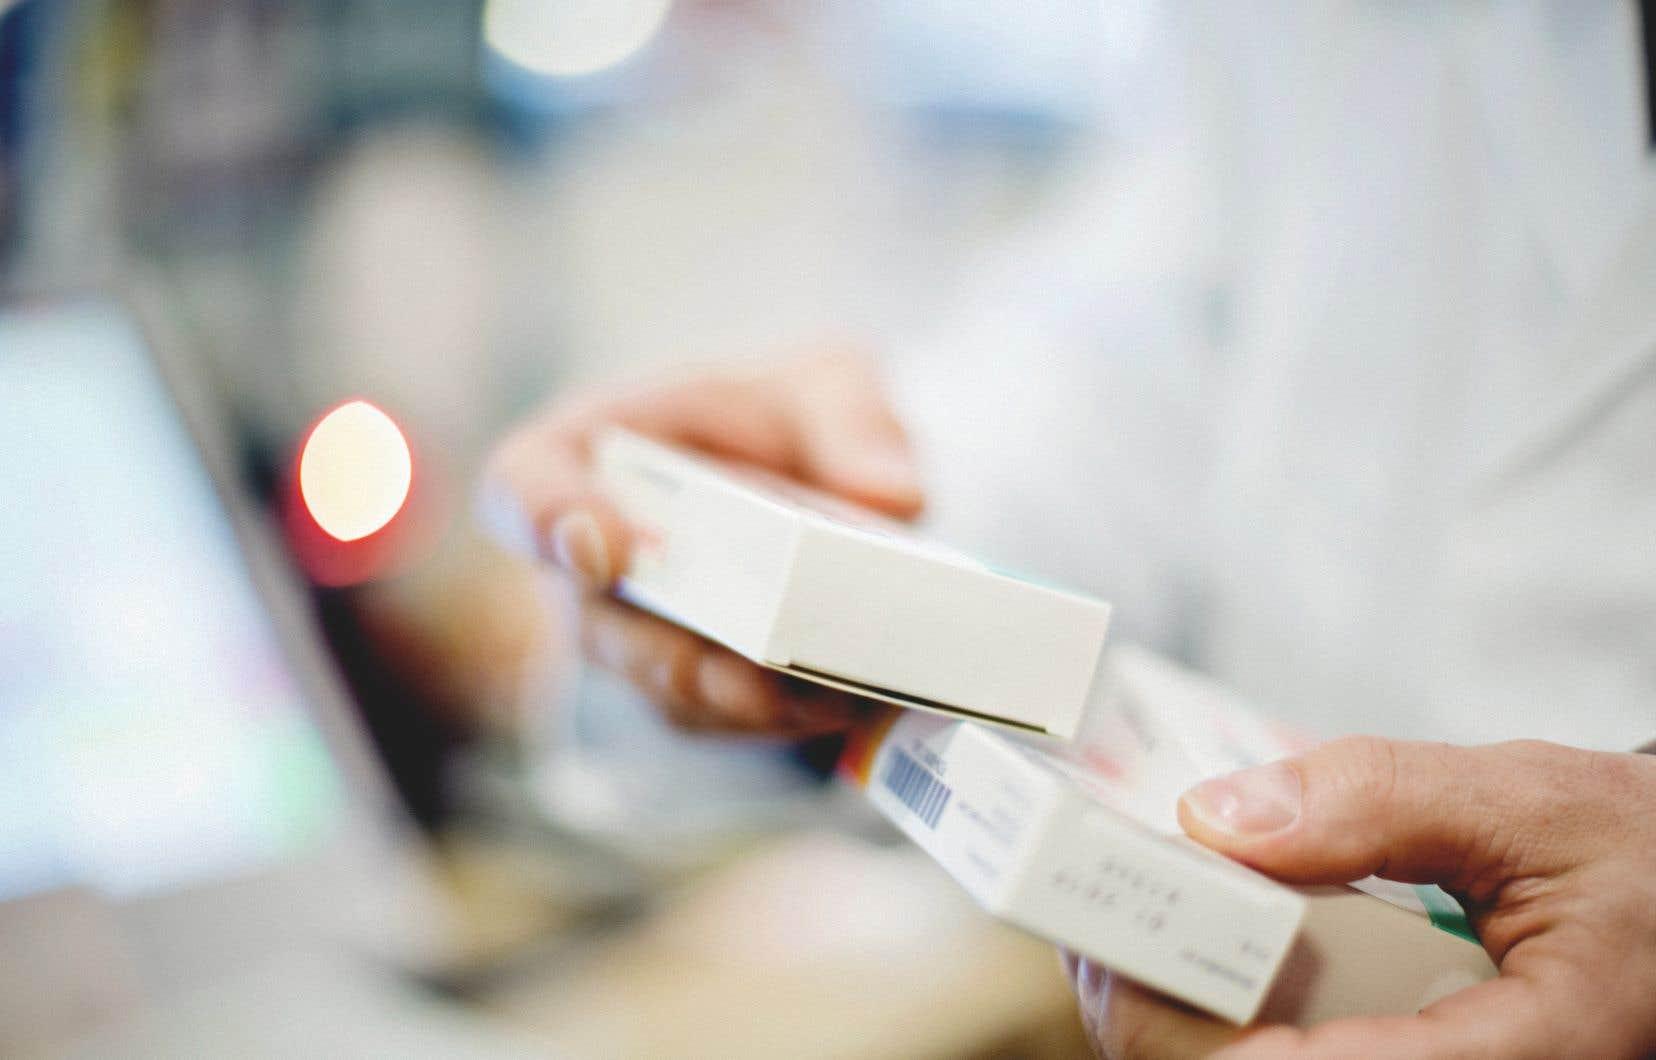 Santé Canada a publié un rappel de plusieurs médicaments à base de Valsartan le mois dernier en raison d'une contamination par une molécule potentiellement cancérogène.